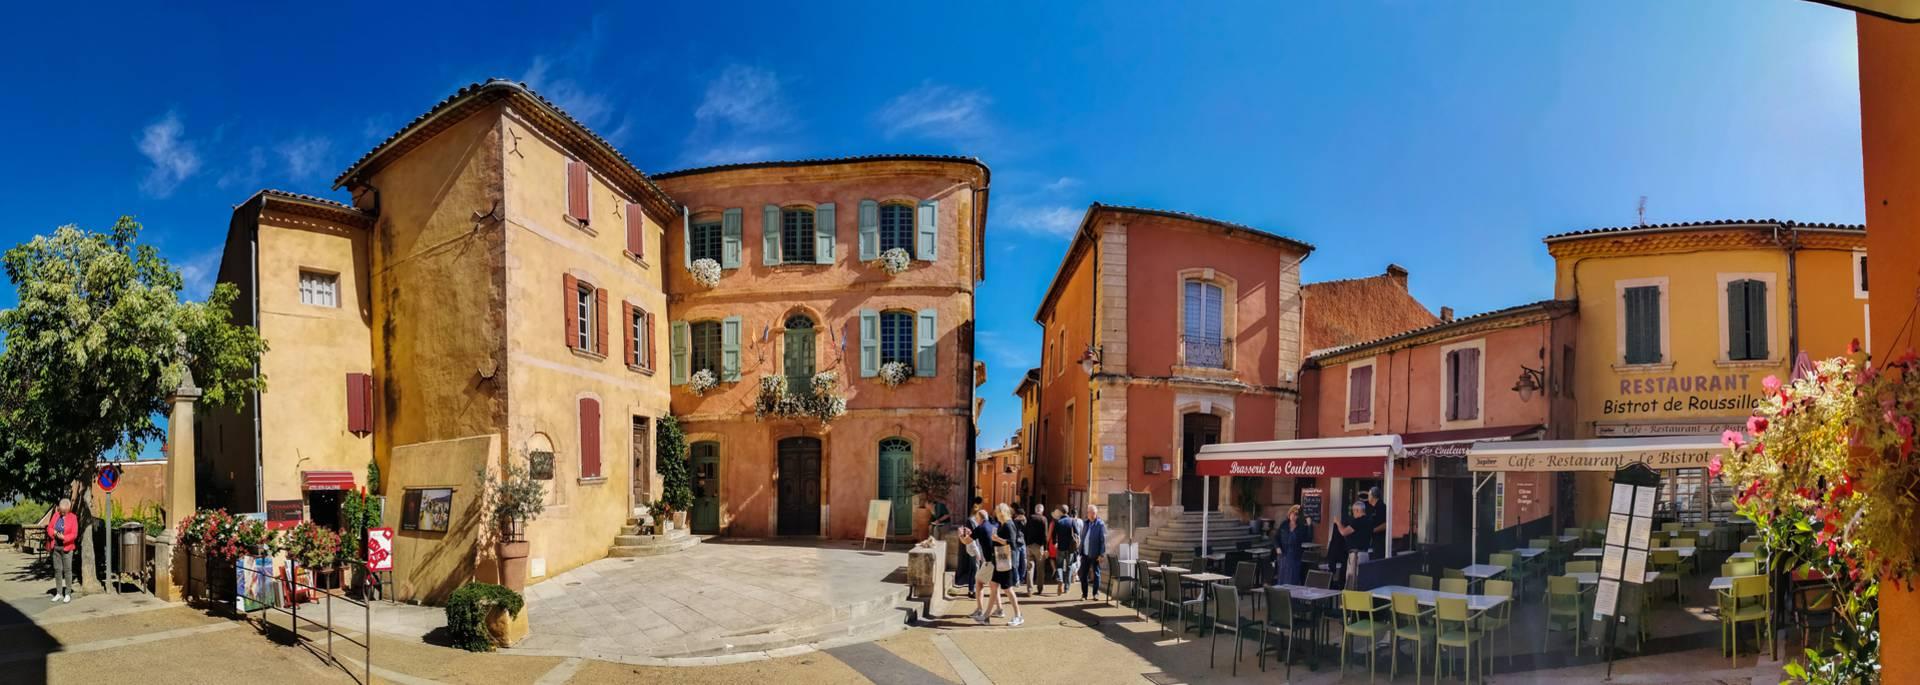 Roussillon Village Des Ocres Dans Le Luberon Classe Parmi Les Plus Beaux Village De France